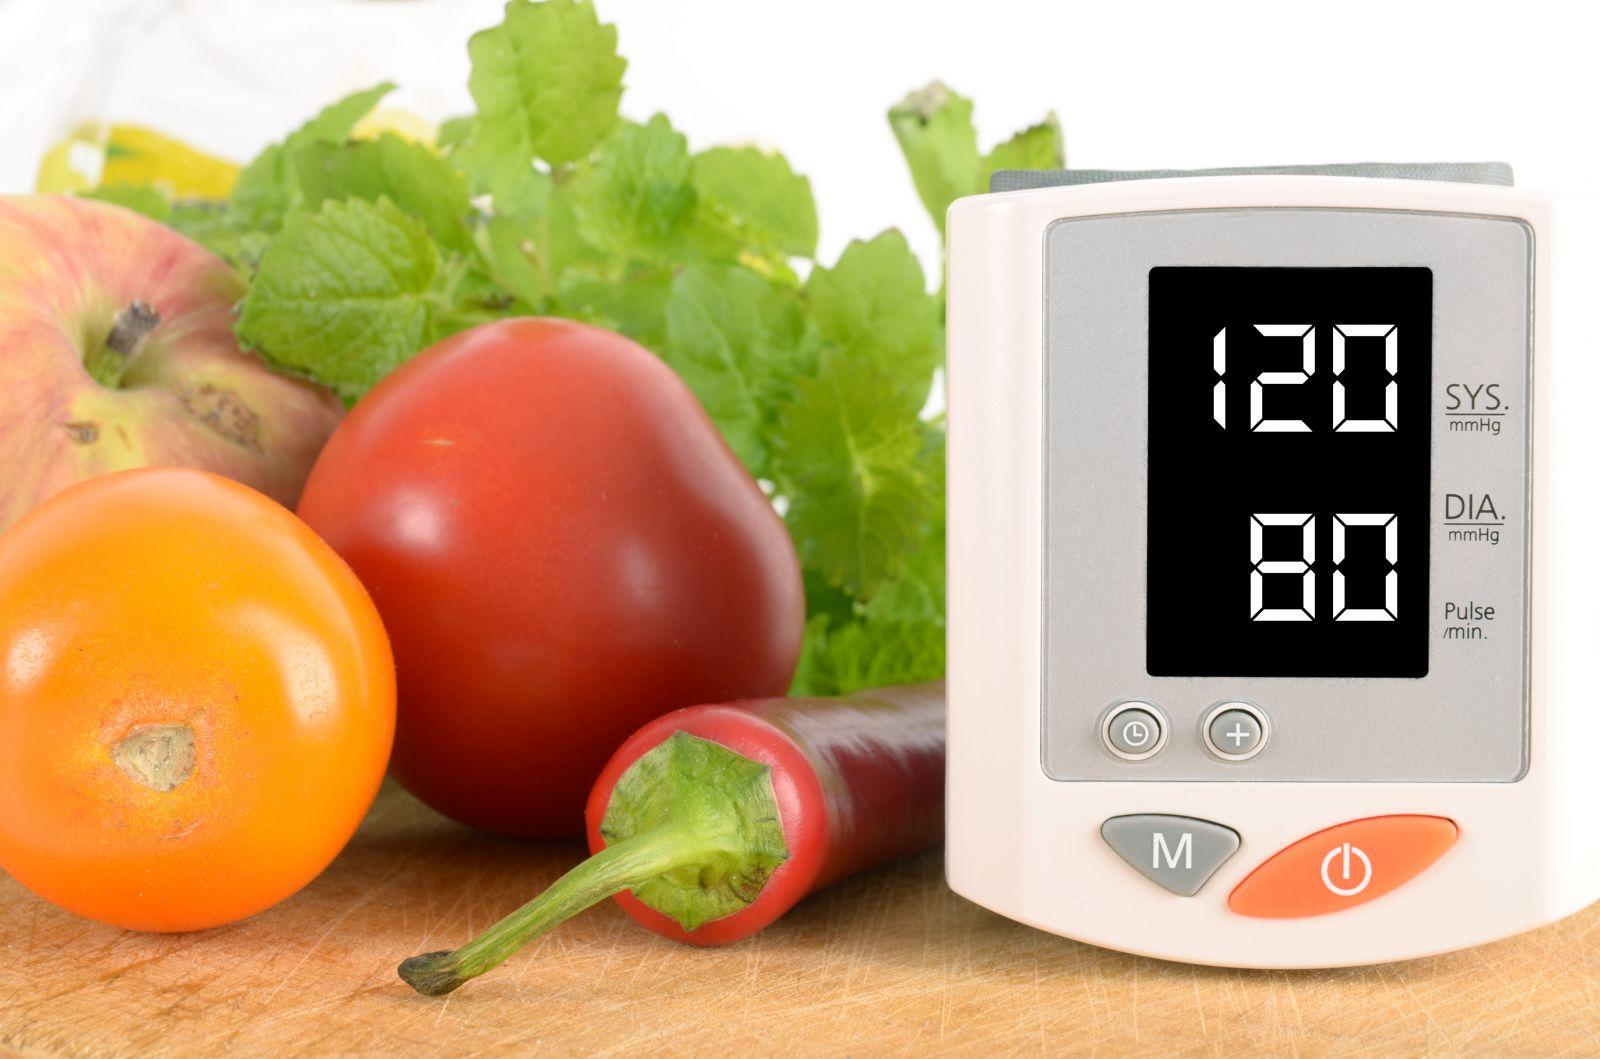 első fokú magas vérnyomás az tonikus tinktúrák magas vérnyomás ellen